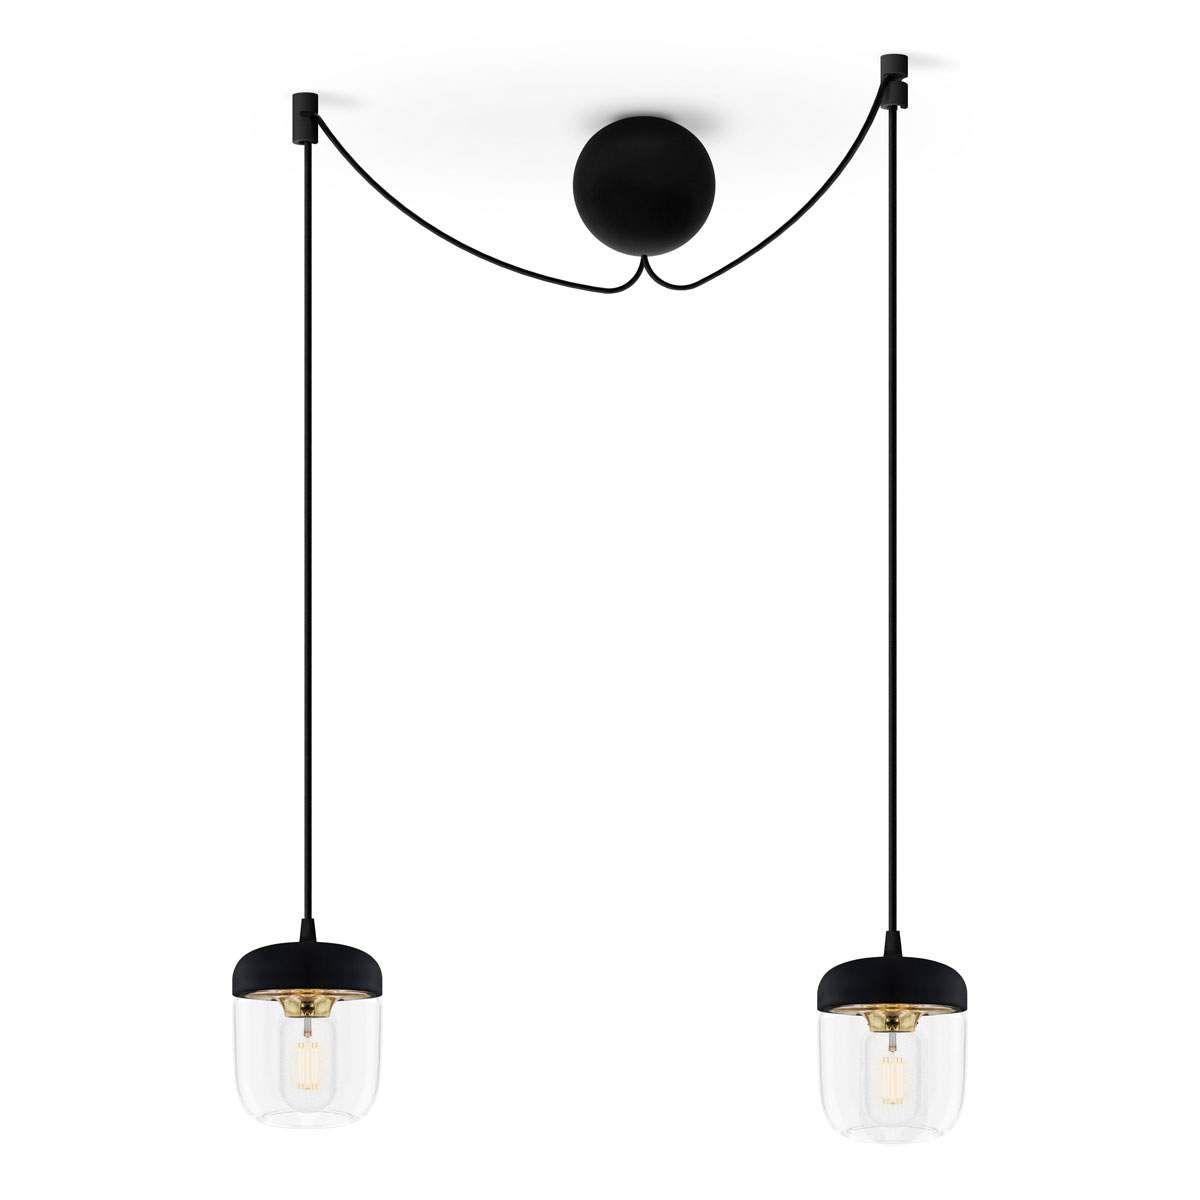 Umage Acorn Hangelampe 2 Flammig Schwarz Messing Lampe Hange Lampe Hangeleuchte